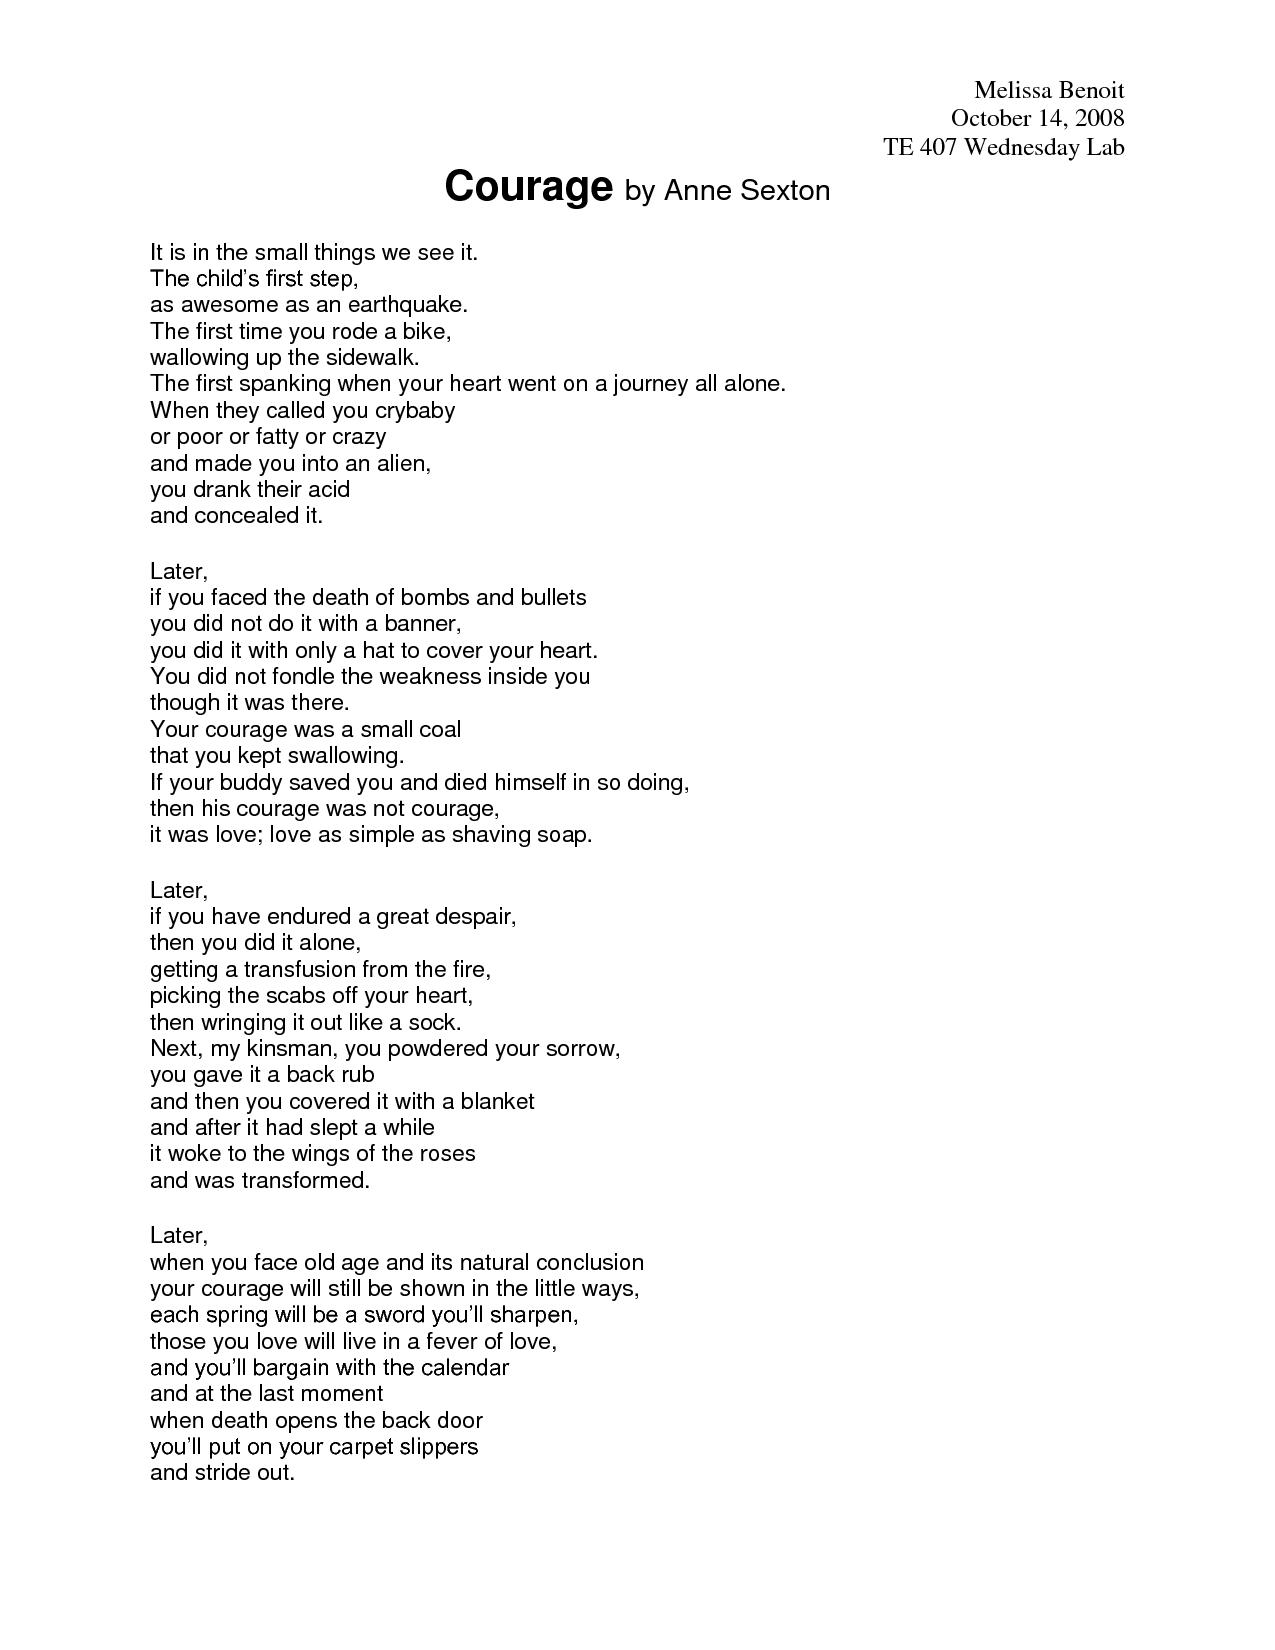 Anne sexton's cinderella Essay Piece